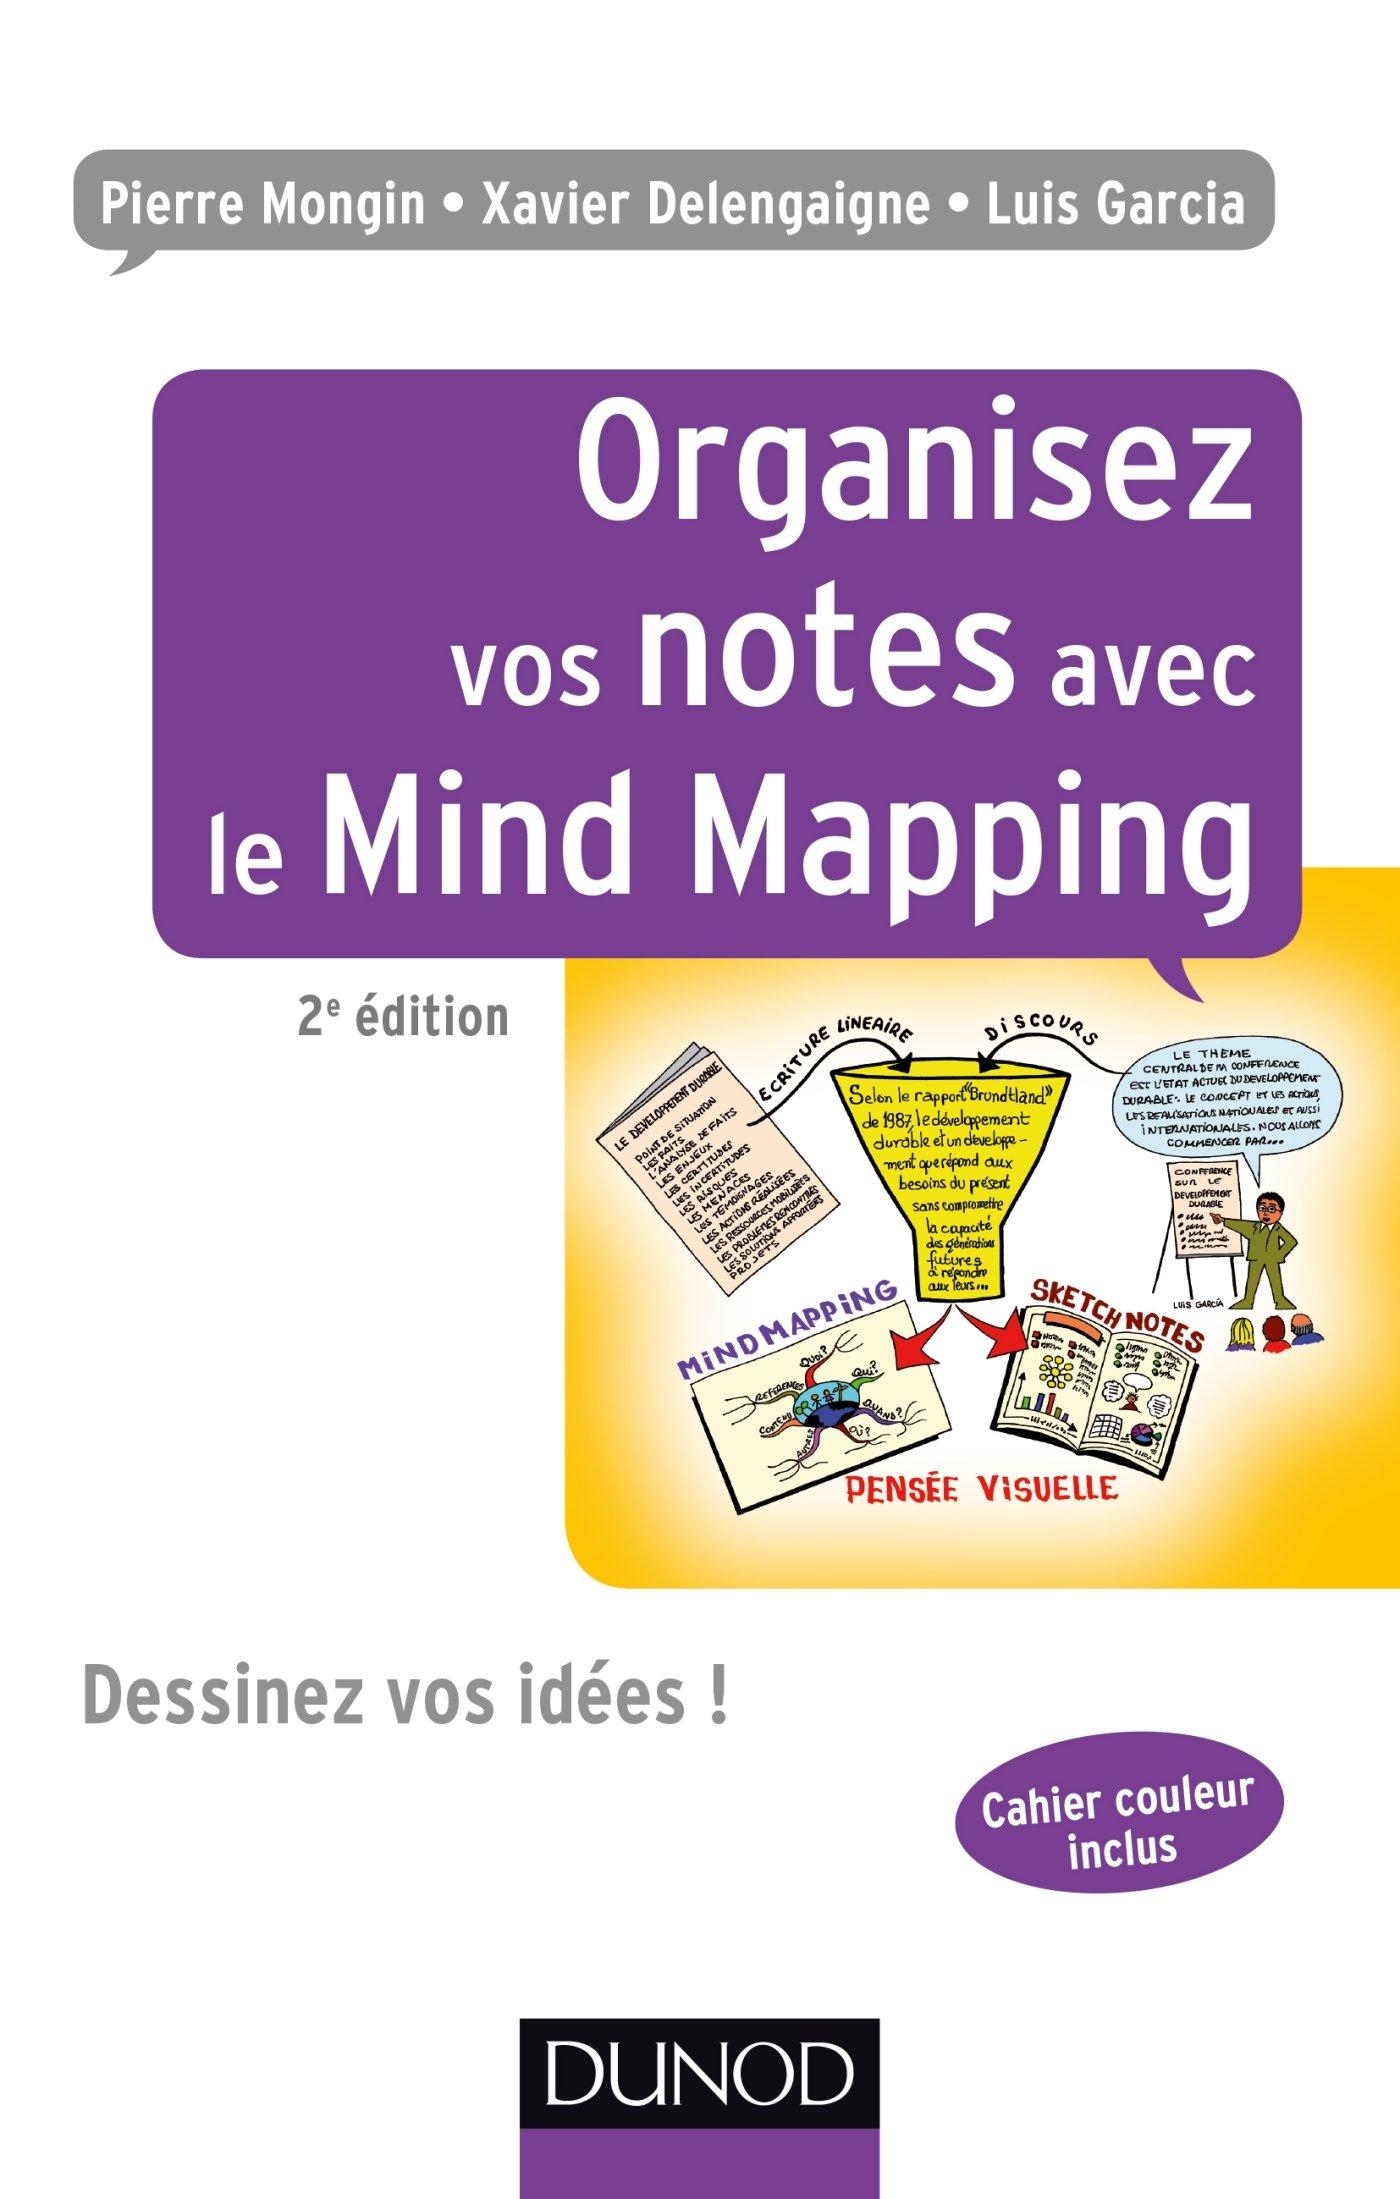 La boite à outils du Mind Mapping